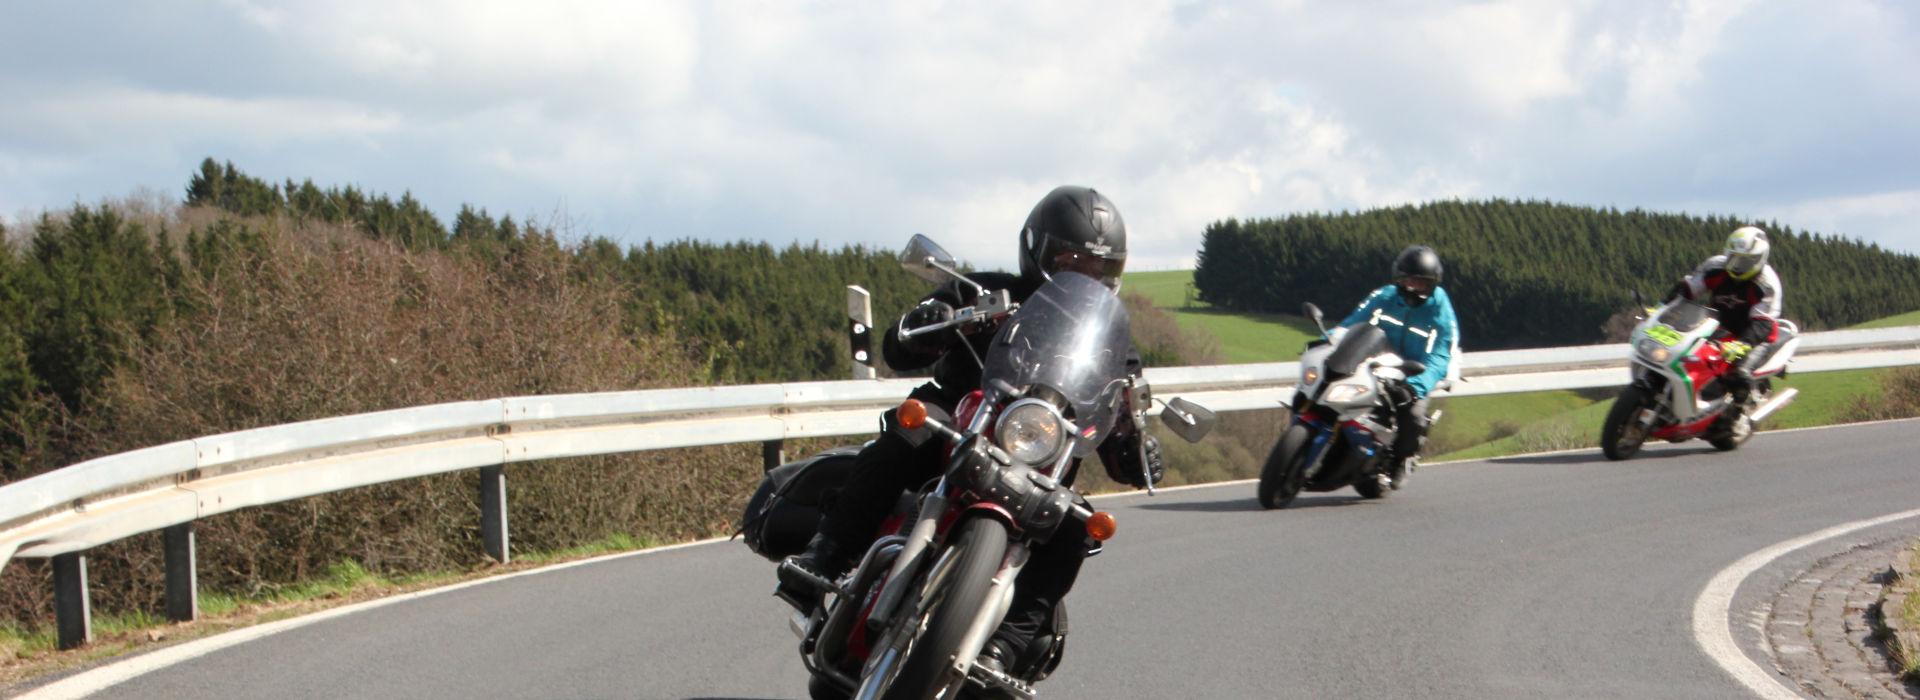 Motorrijbewijspoint Valkenswaard spoed motorrijbewijs